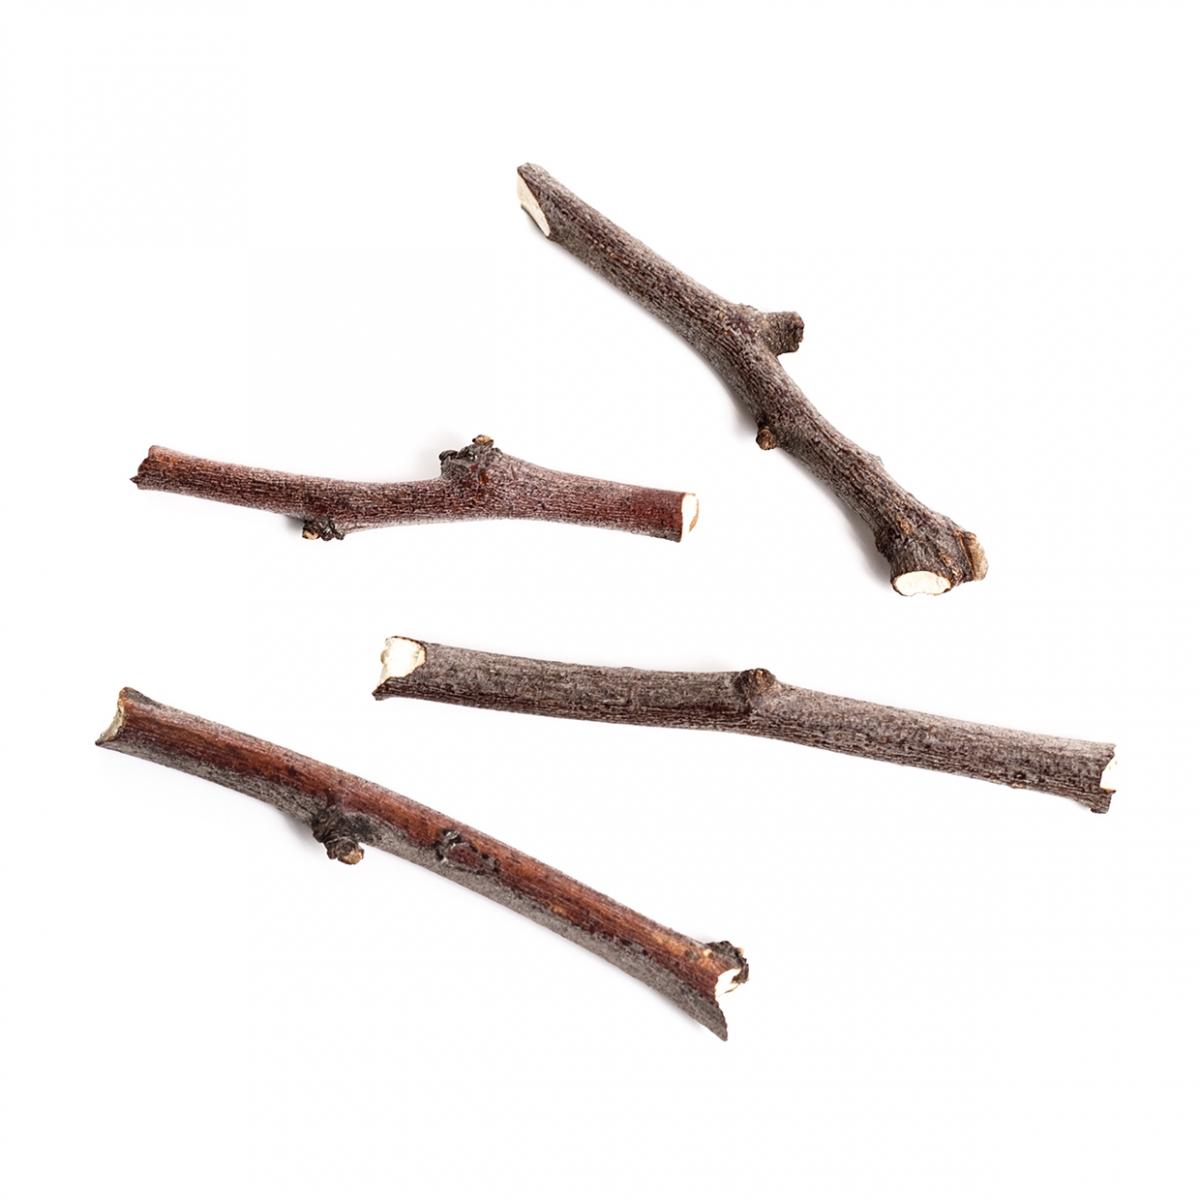 Imagen en la que se ven varios palos